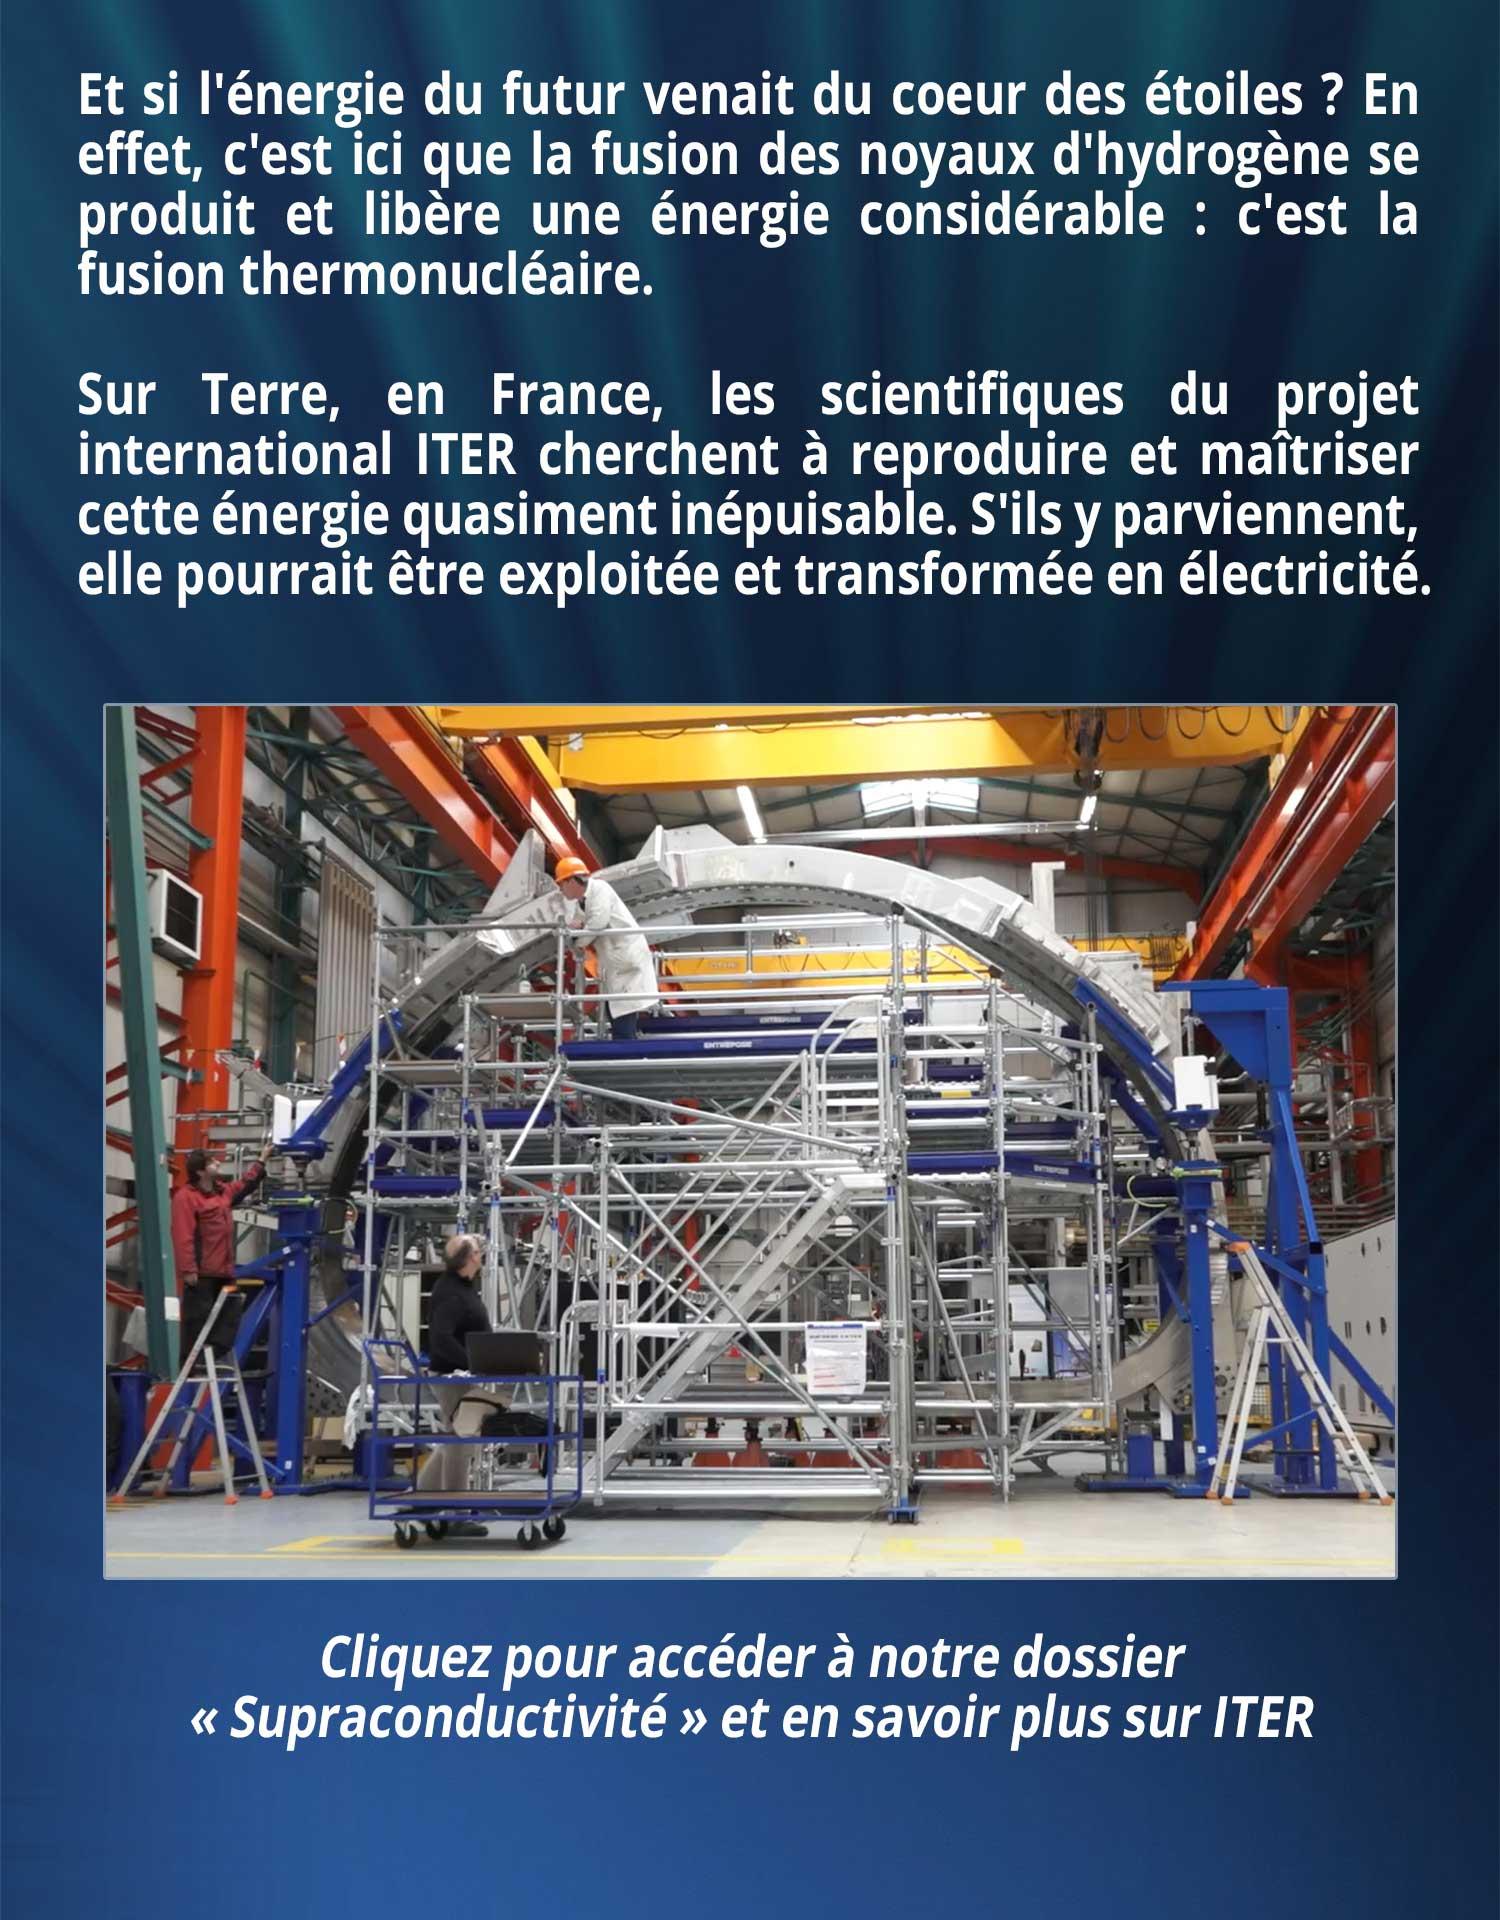 Et si l'énergie du futur venait du coeur des étoiles ? En effet, c'est ici que la fusion des noyaux d'hydrogène se produit et libère une énergie considérable : c'est la fusion thermonucléaire. Sur Terre, en France, les scientifiques du projet international ITER cherchent à reproduire et maîtriser cette énergie quasiment inépuisable. S'ils y parviennent, elle pourrait être exploitée et transformée en électricité.